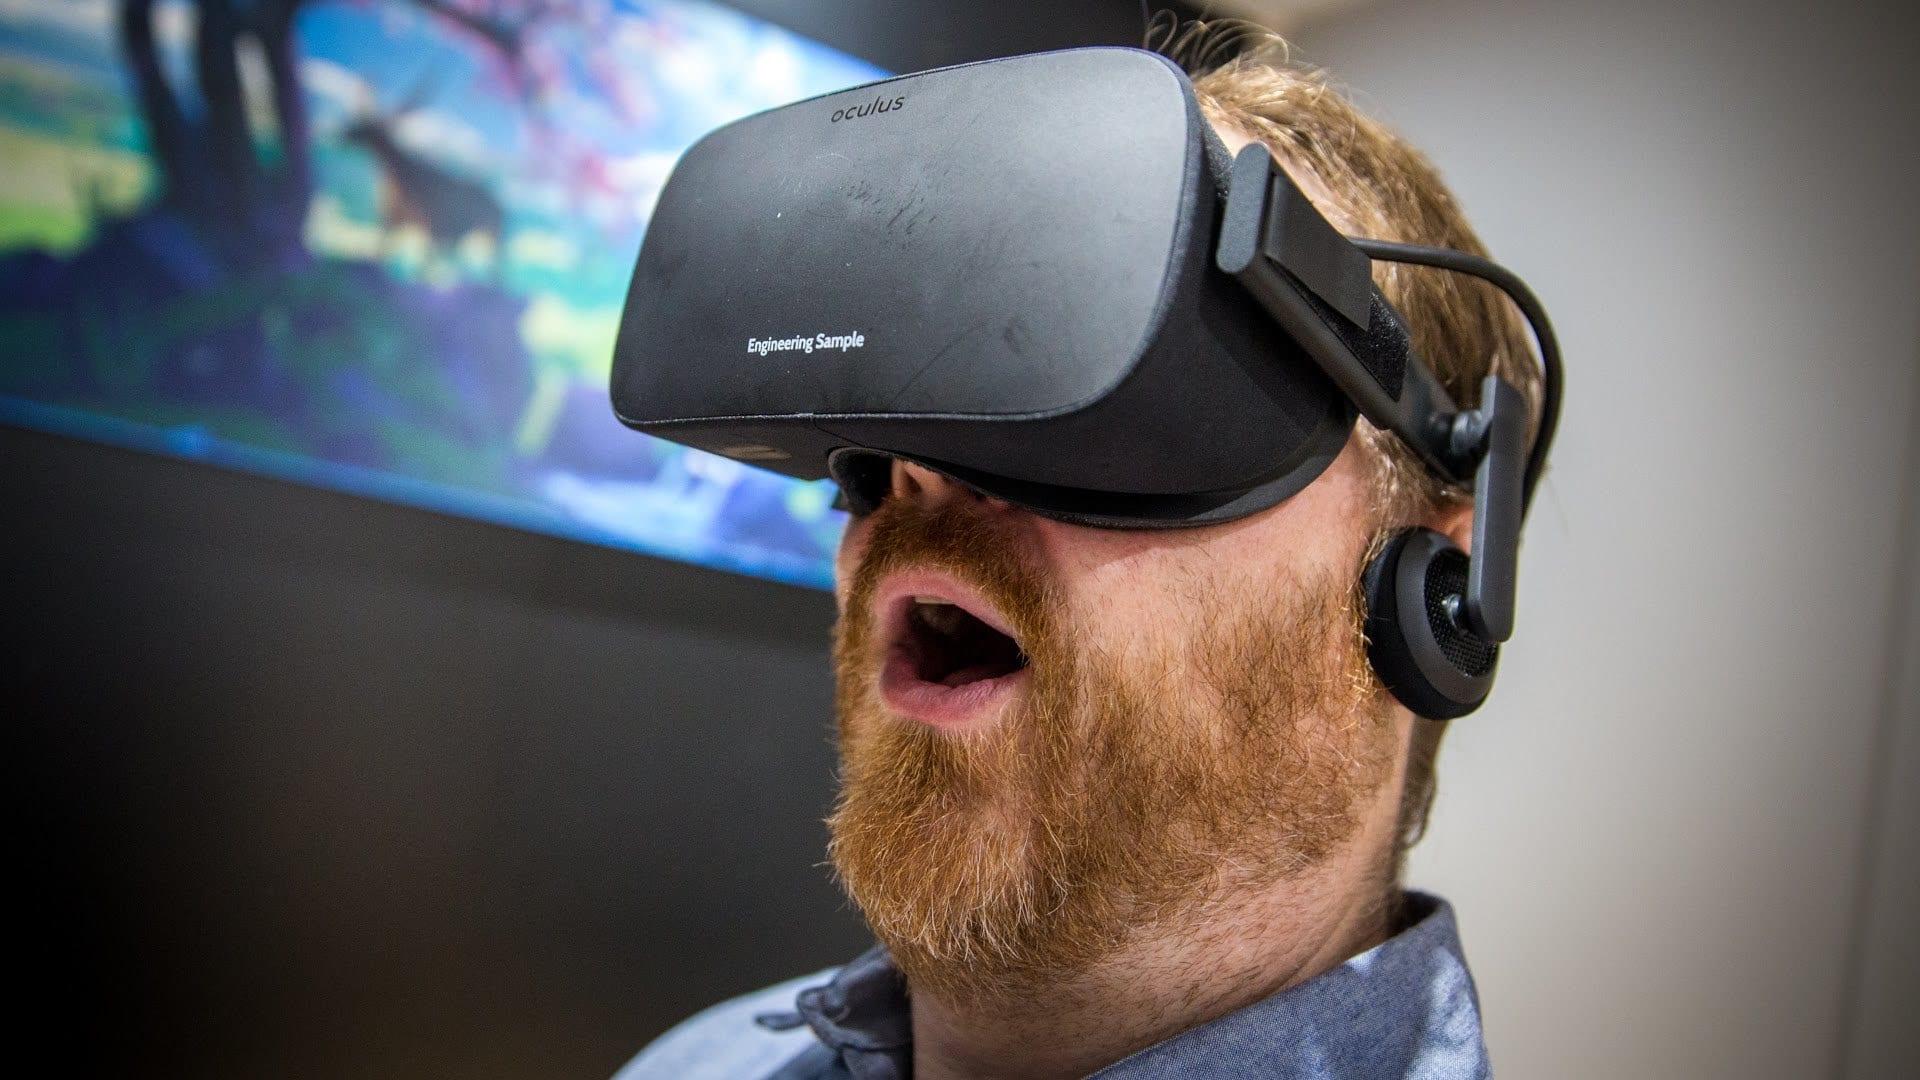 نظارة الواقع الافتراضي Oculus Rift